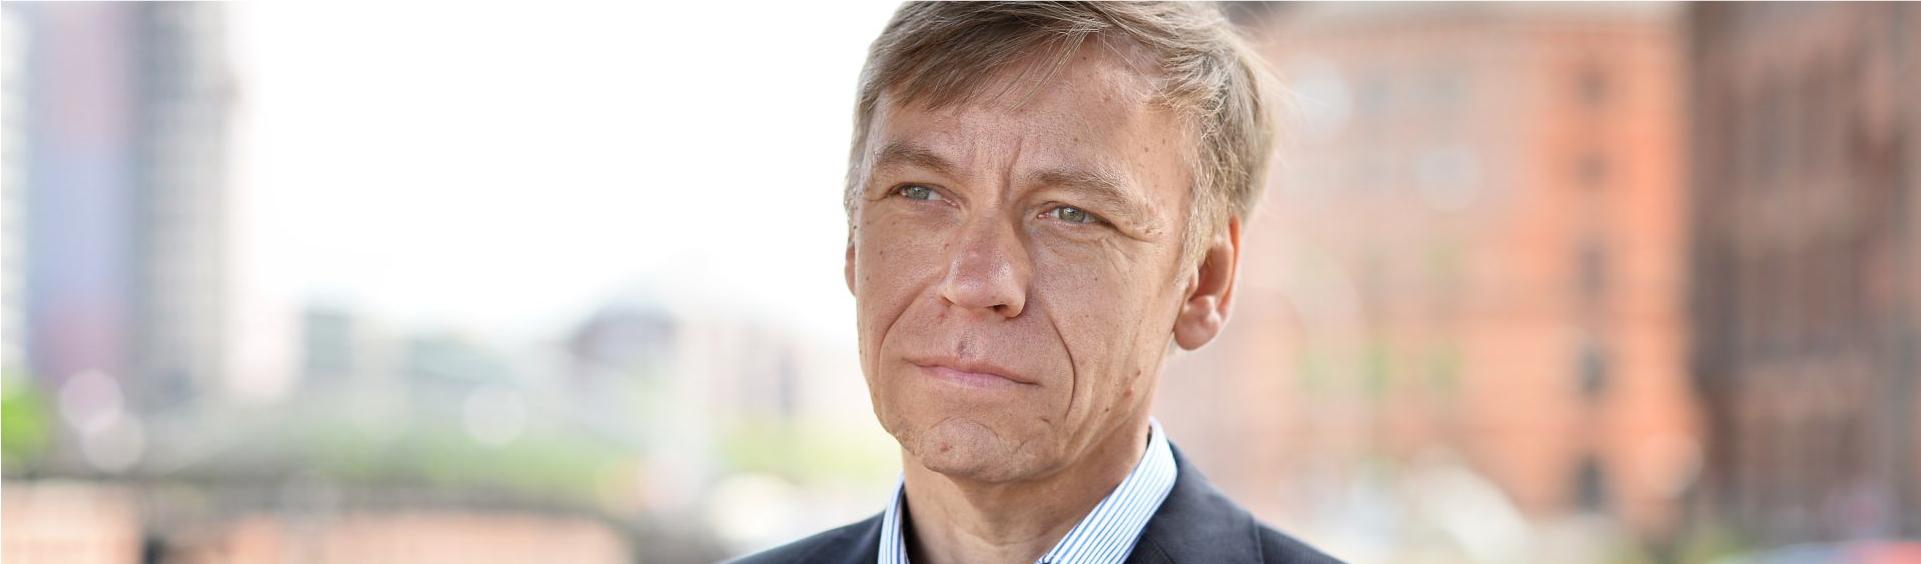 Jochen Schlicht - Partner bei ProModerare und Change Manager in Ahrensburg